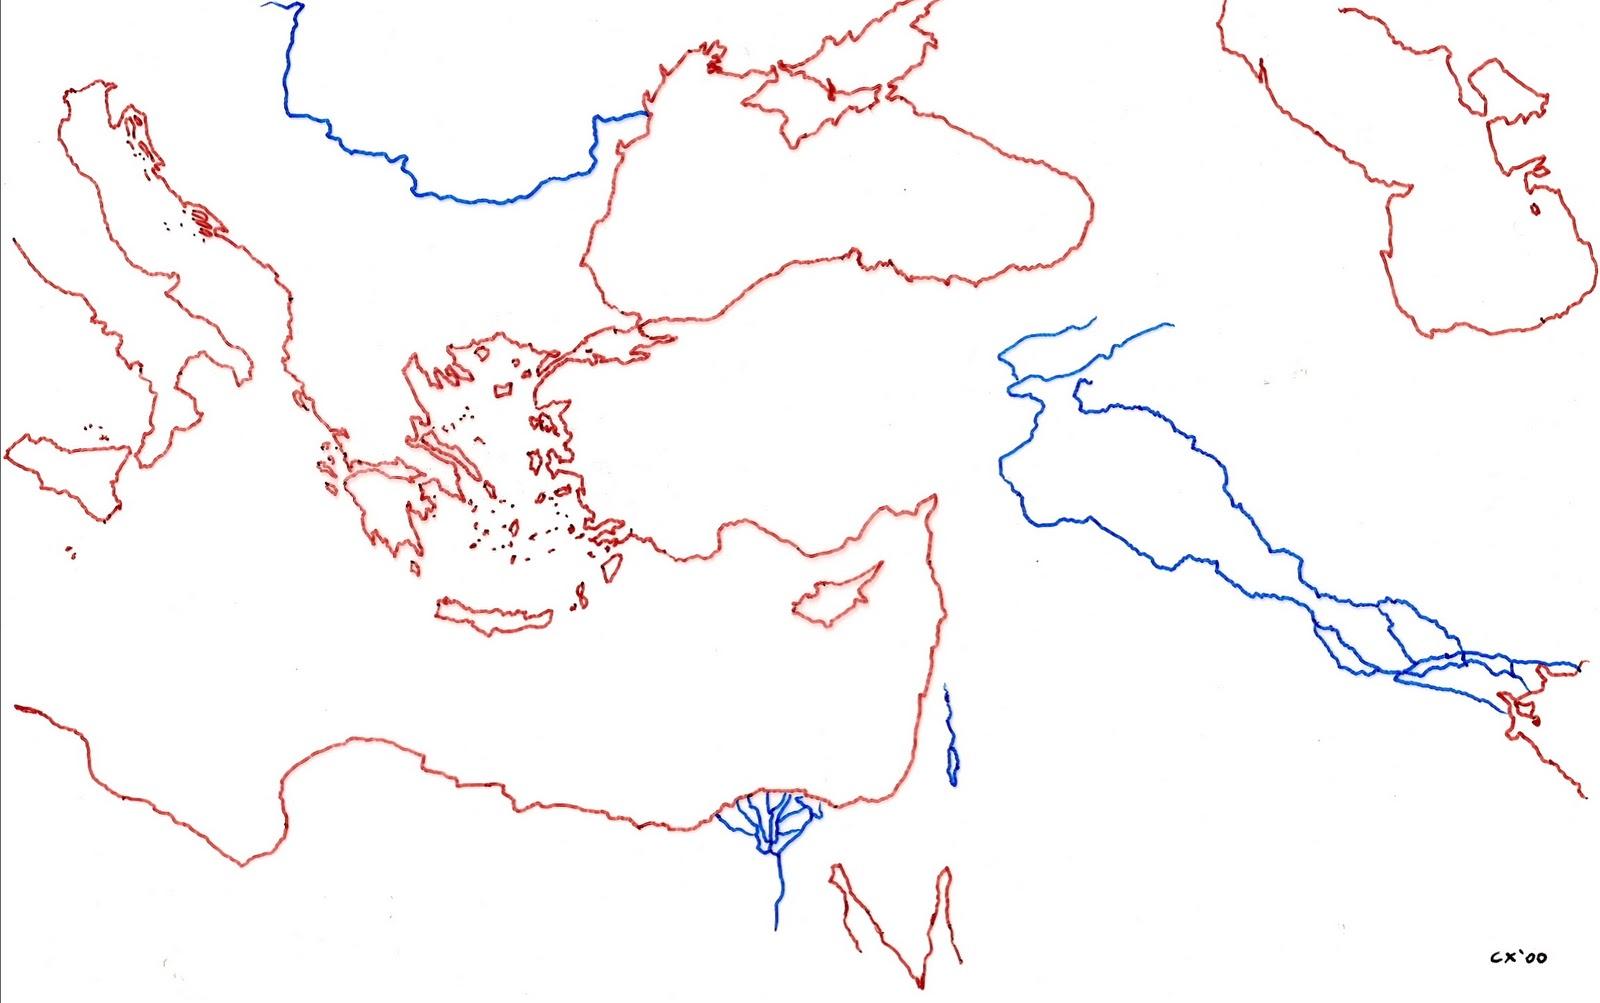 La Dispersión De Cercano Oriente Al Mundo Ii 1: Profesor De Historia, Geografía Y Arte: Mapas De Las